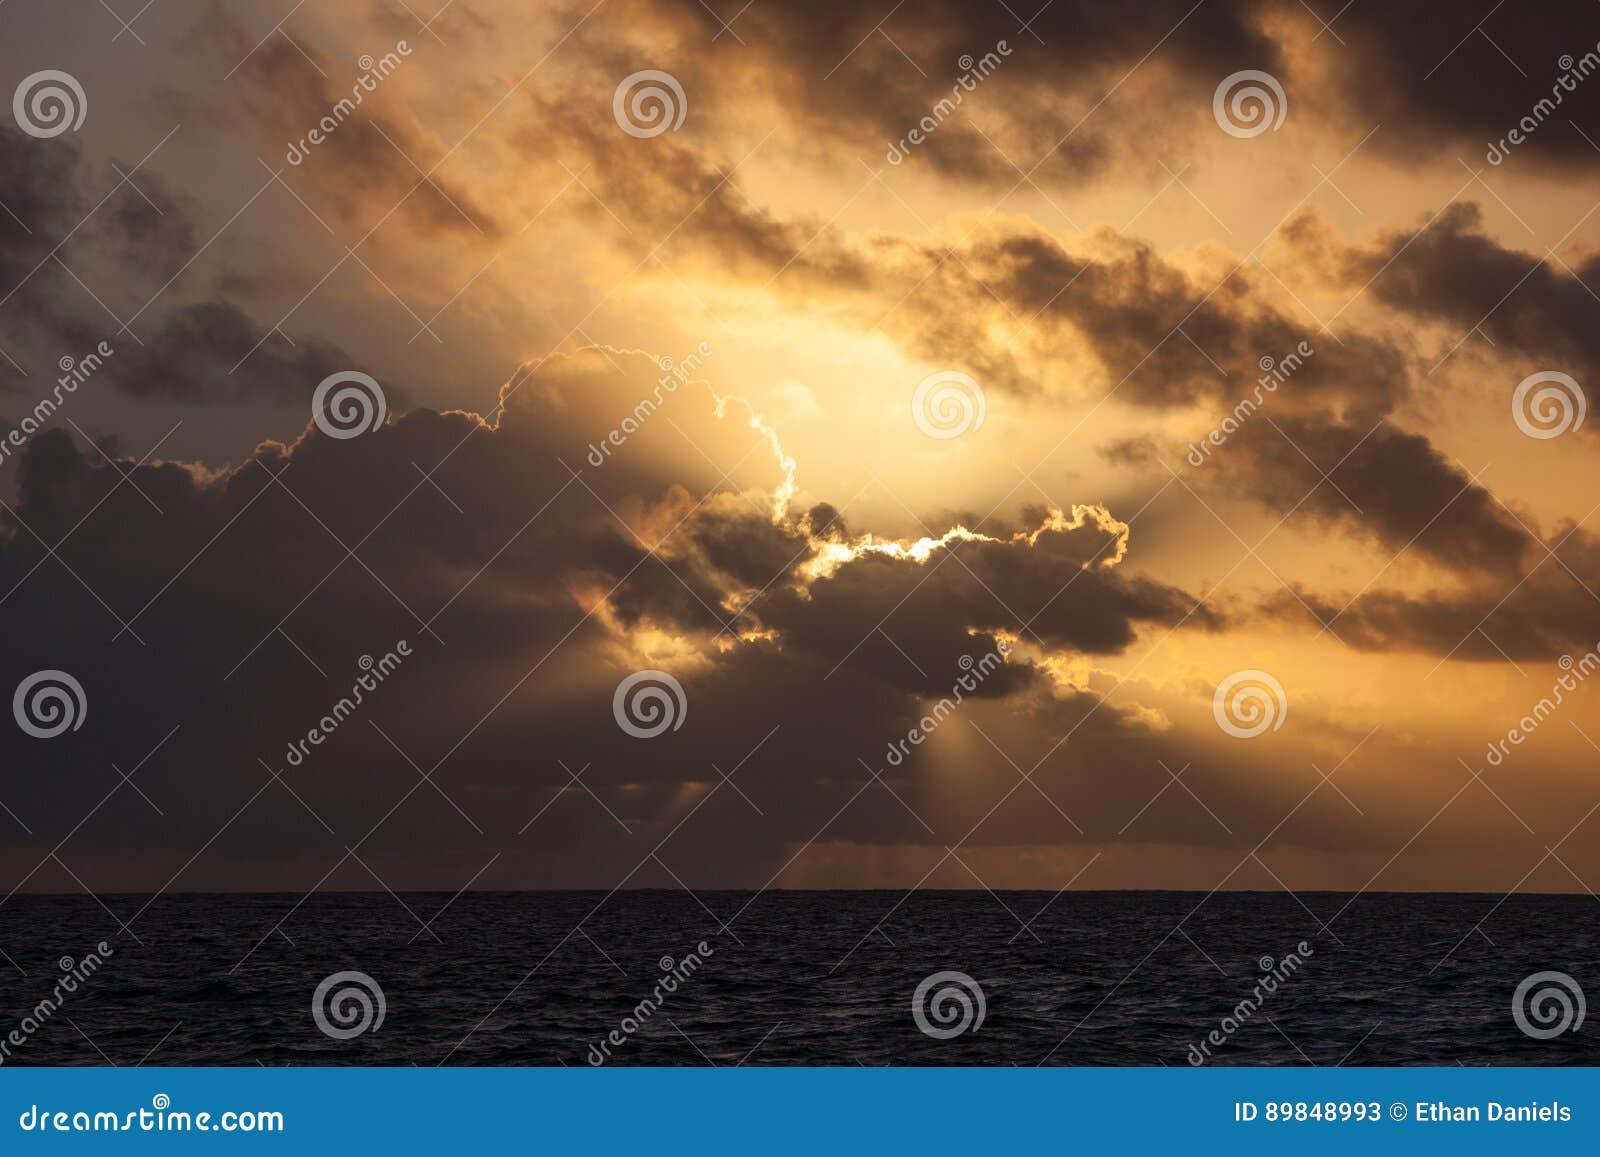 Ursnygg soluppgång över det karibiska havet